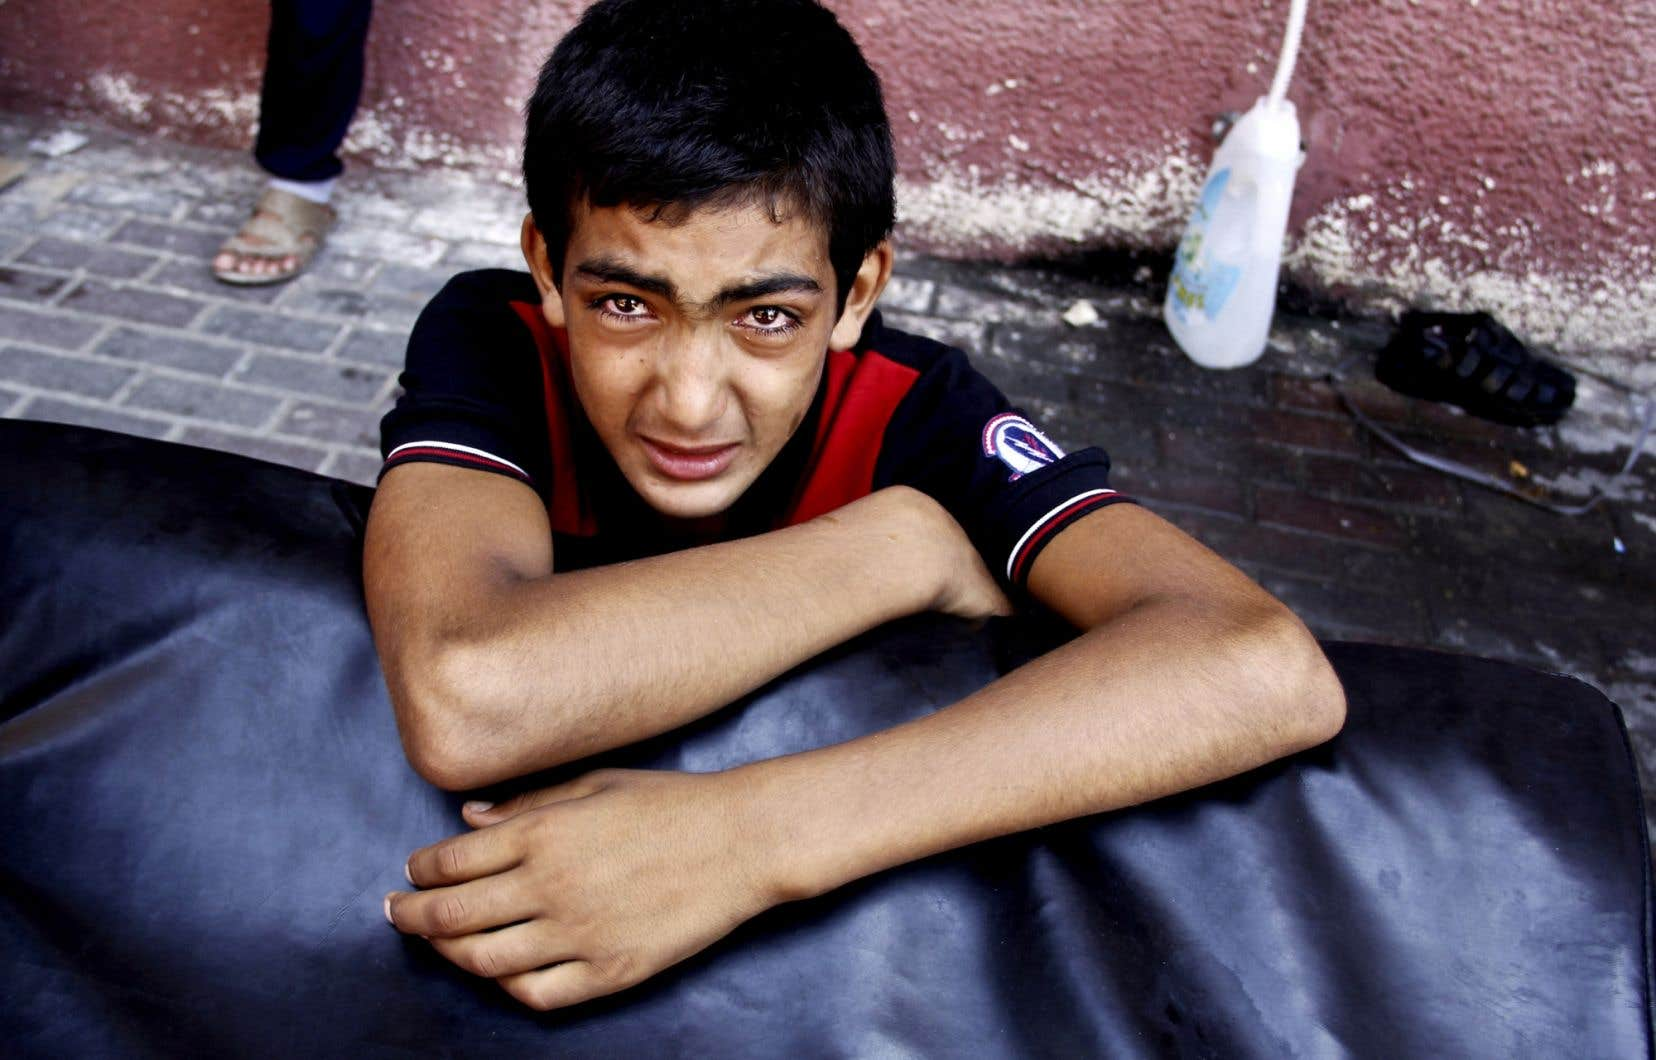 Ce jeune garçon était sous le choc après que des membres de sa famille eurent été blessés dans les bombardements de jeudi à Gaza.